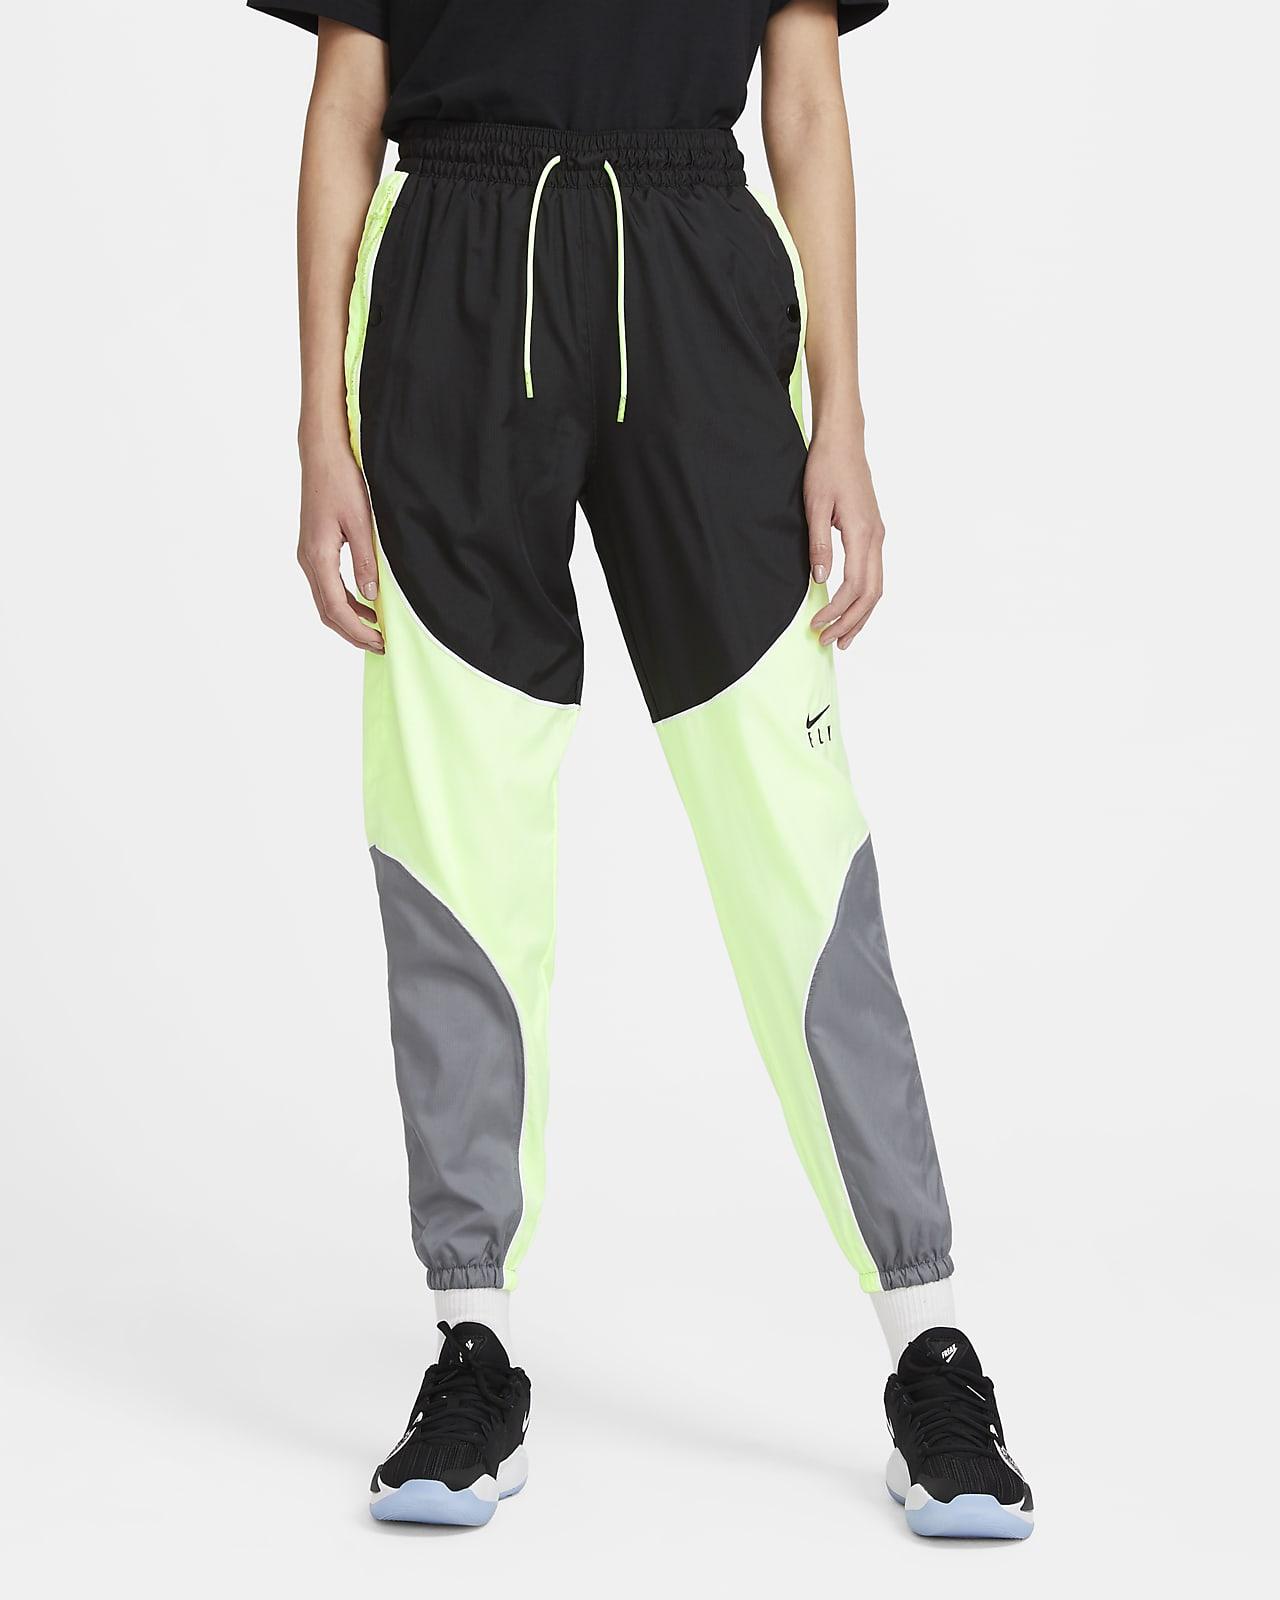 กางเกงบาสเก็ตบอลขายาวผู้หญิง Nike Swoosh Fly